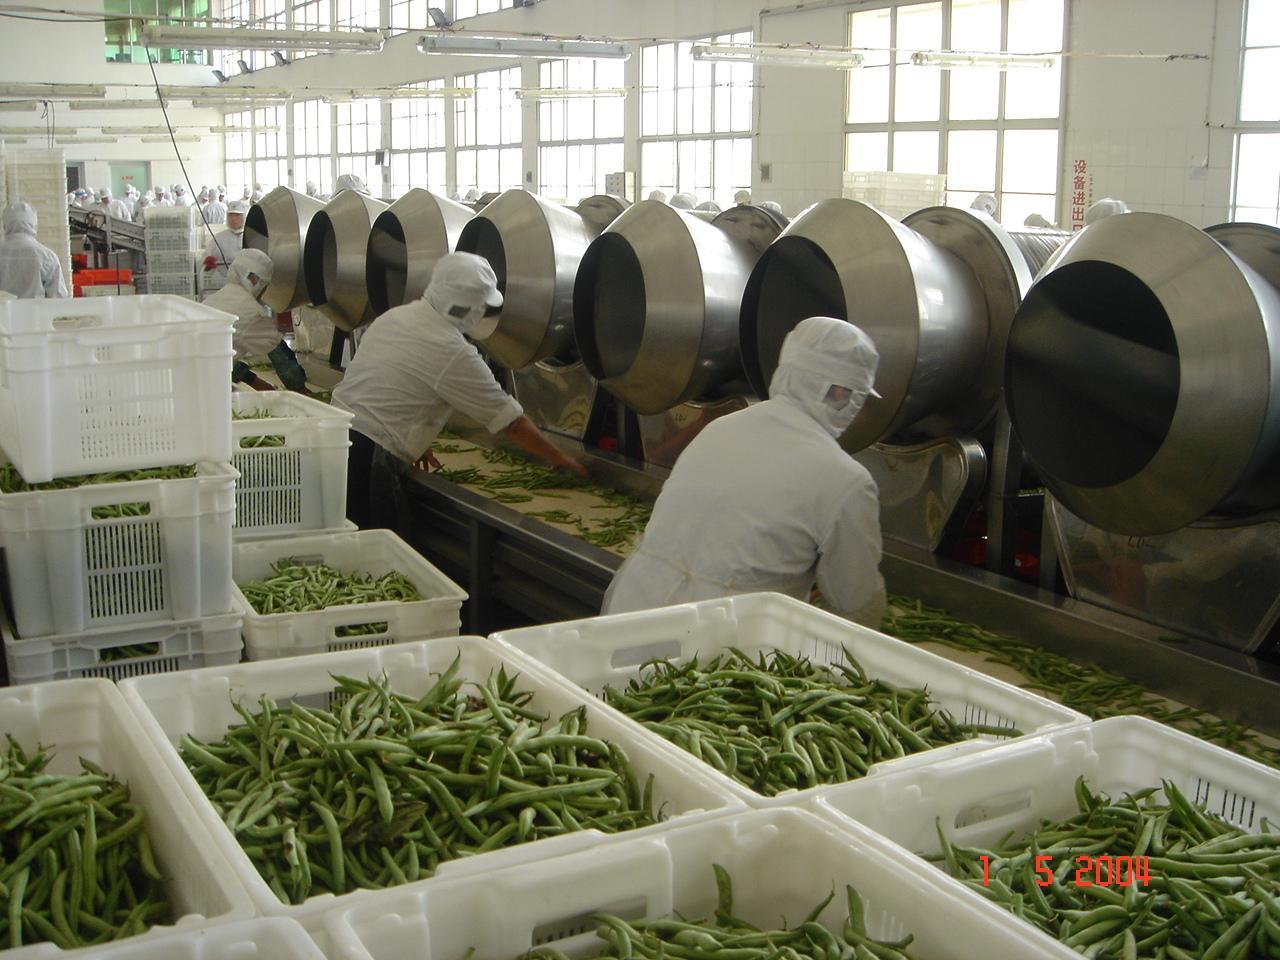 IQF Cut Green Beans,Frozen Cut Green Beans,IQF Green Beans Cuts 18